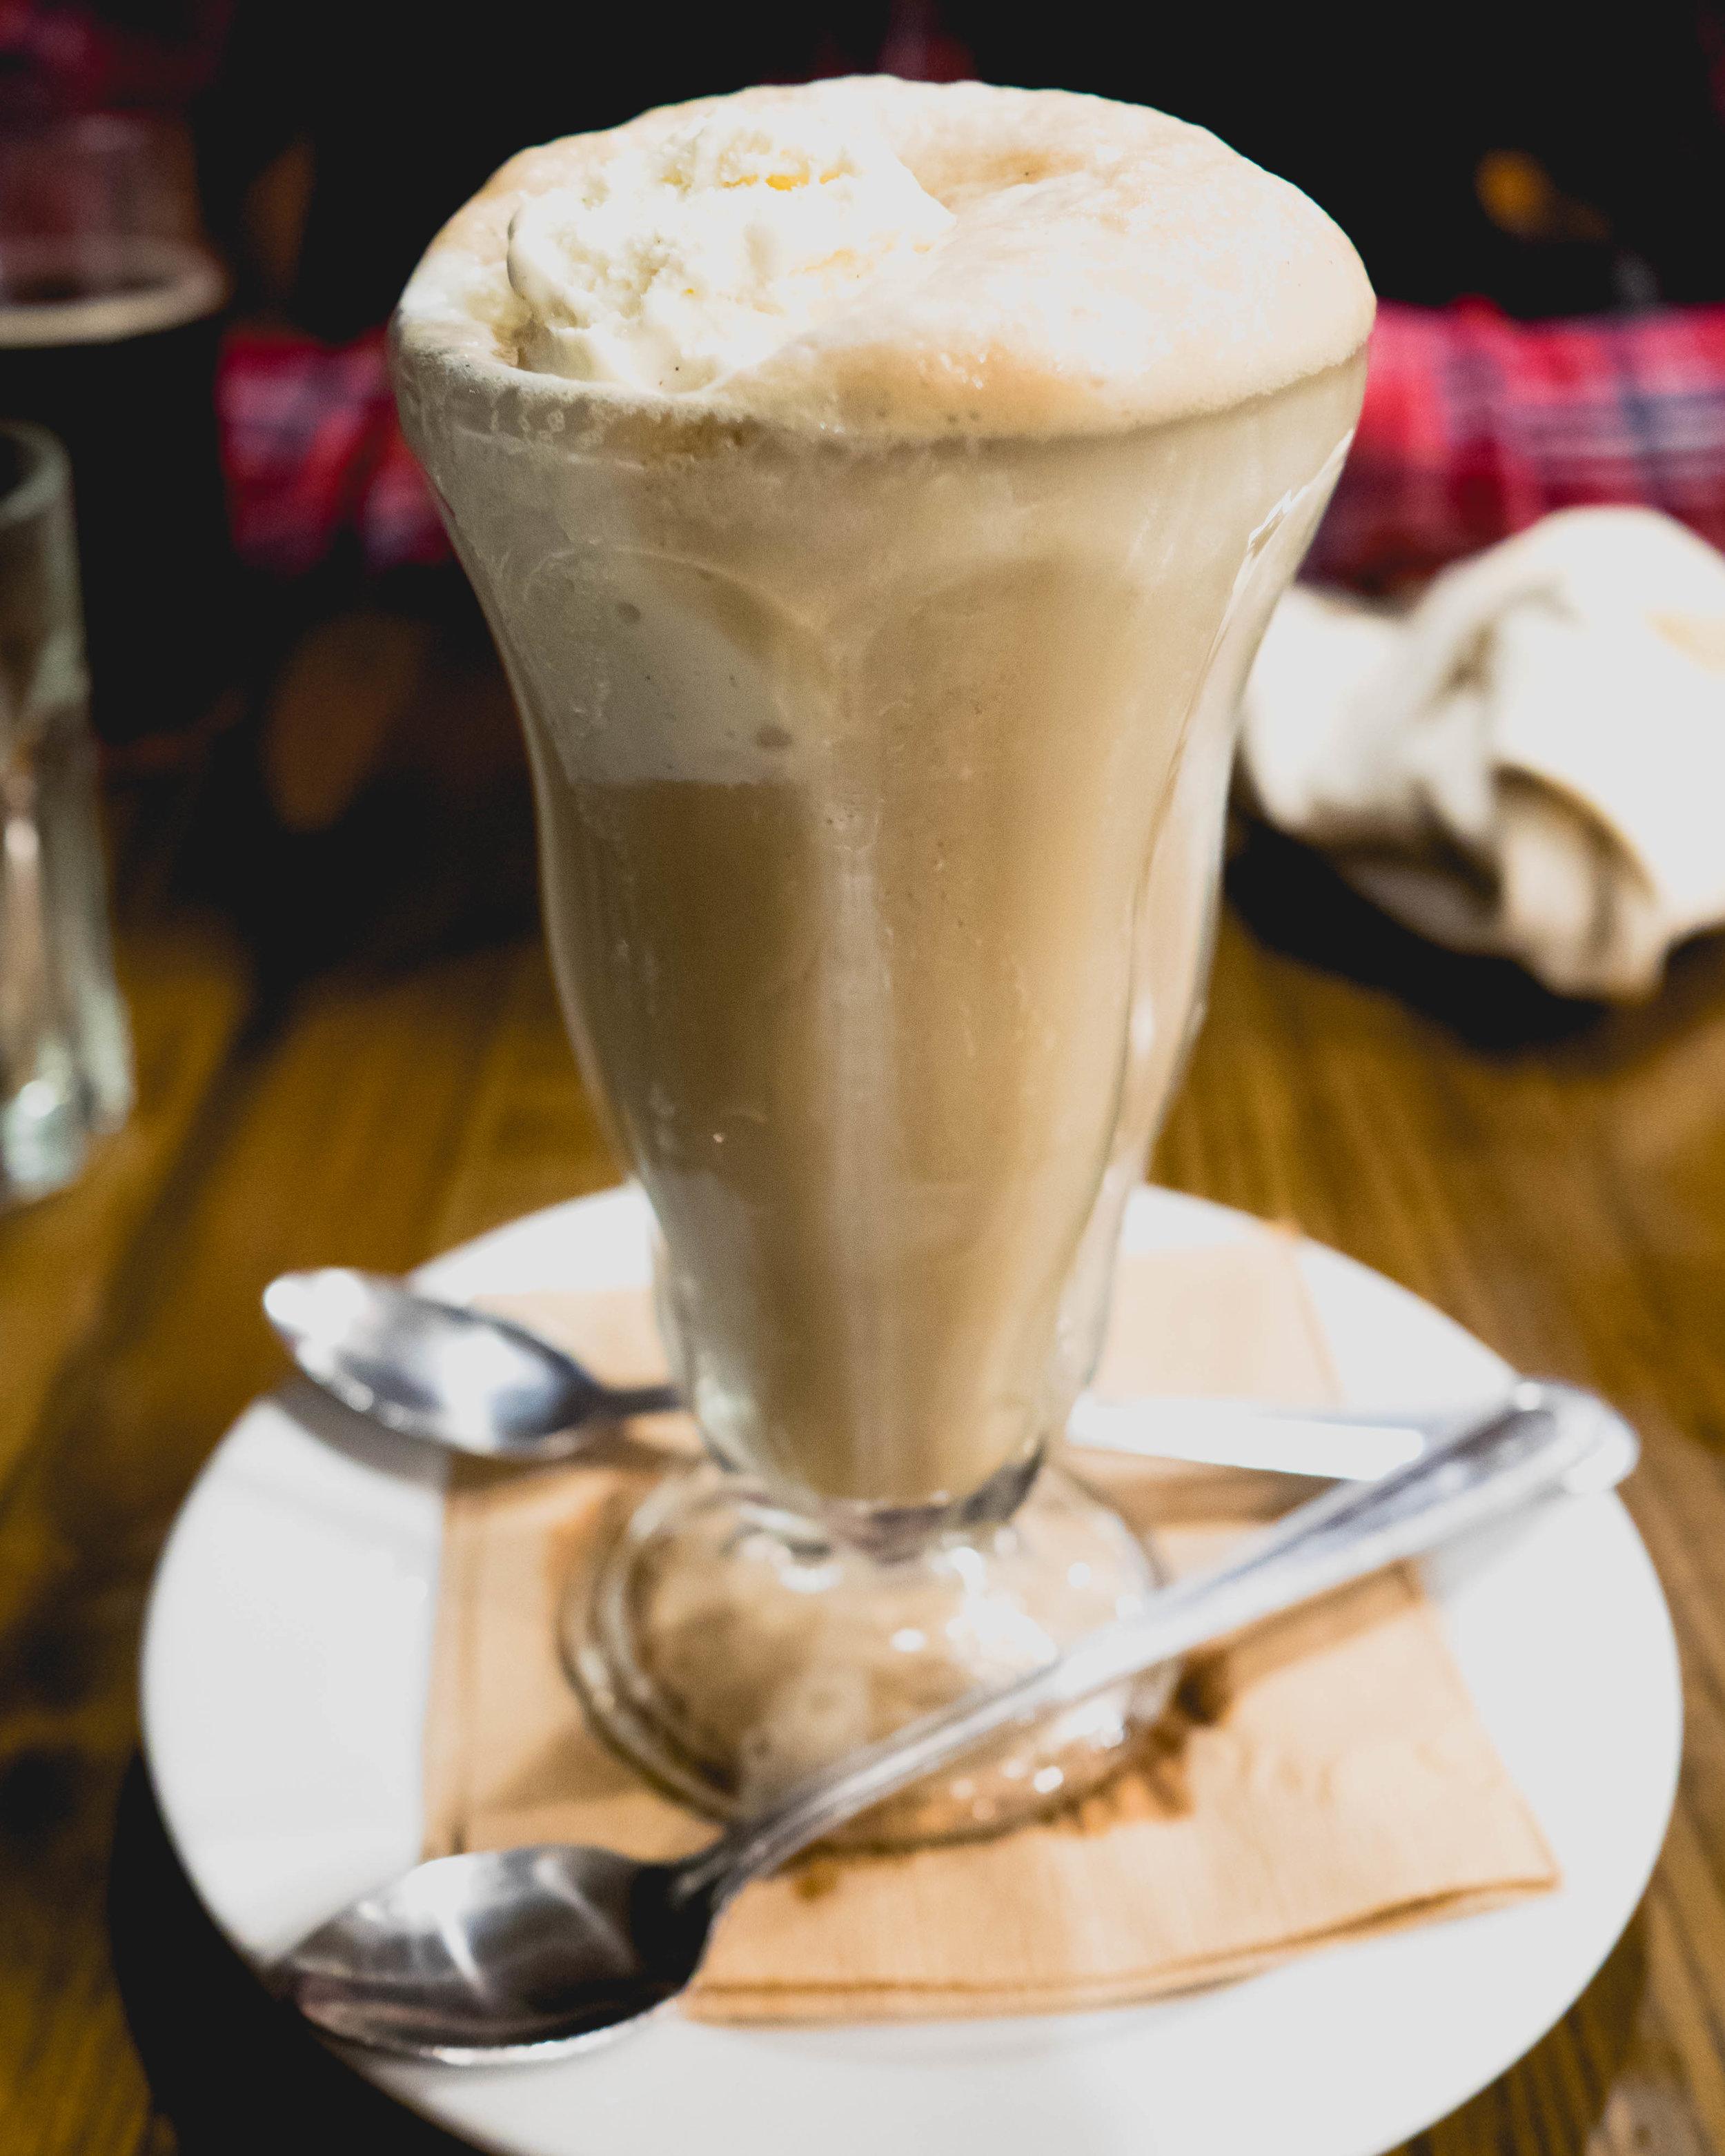 root beer float : snoqualmie root beer on tap, snoqualmie danish vanilla ice cream.